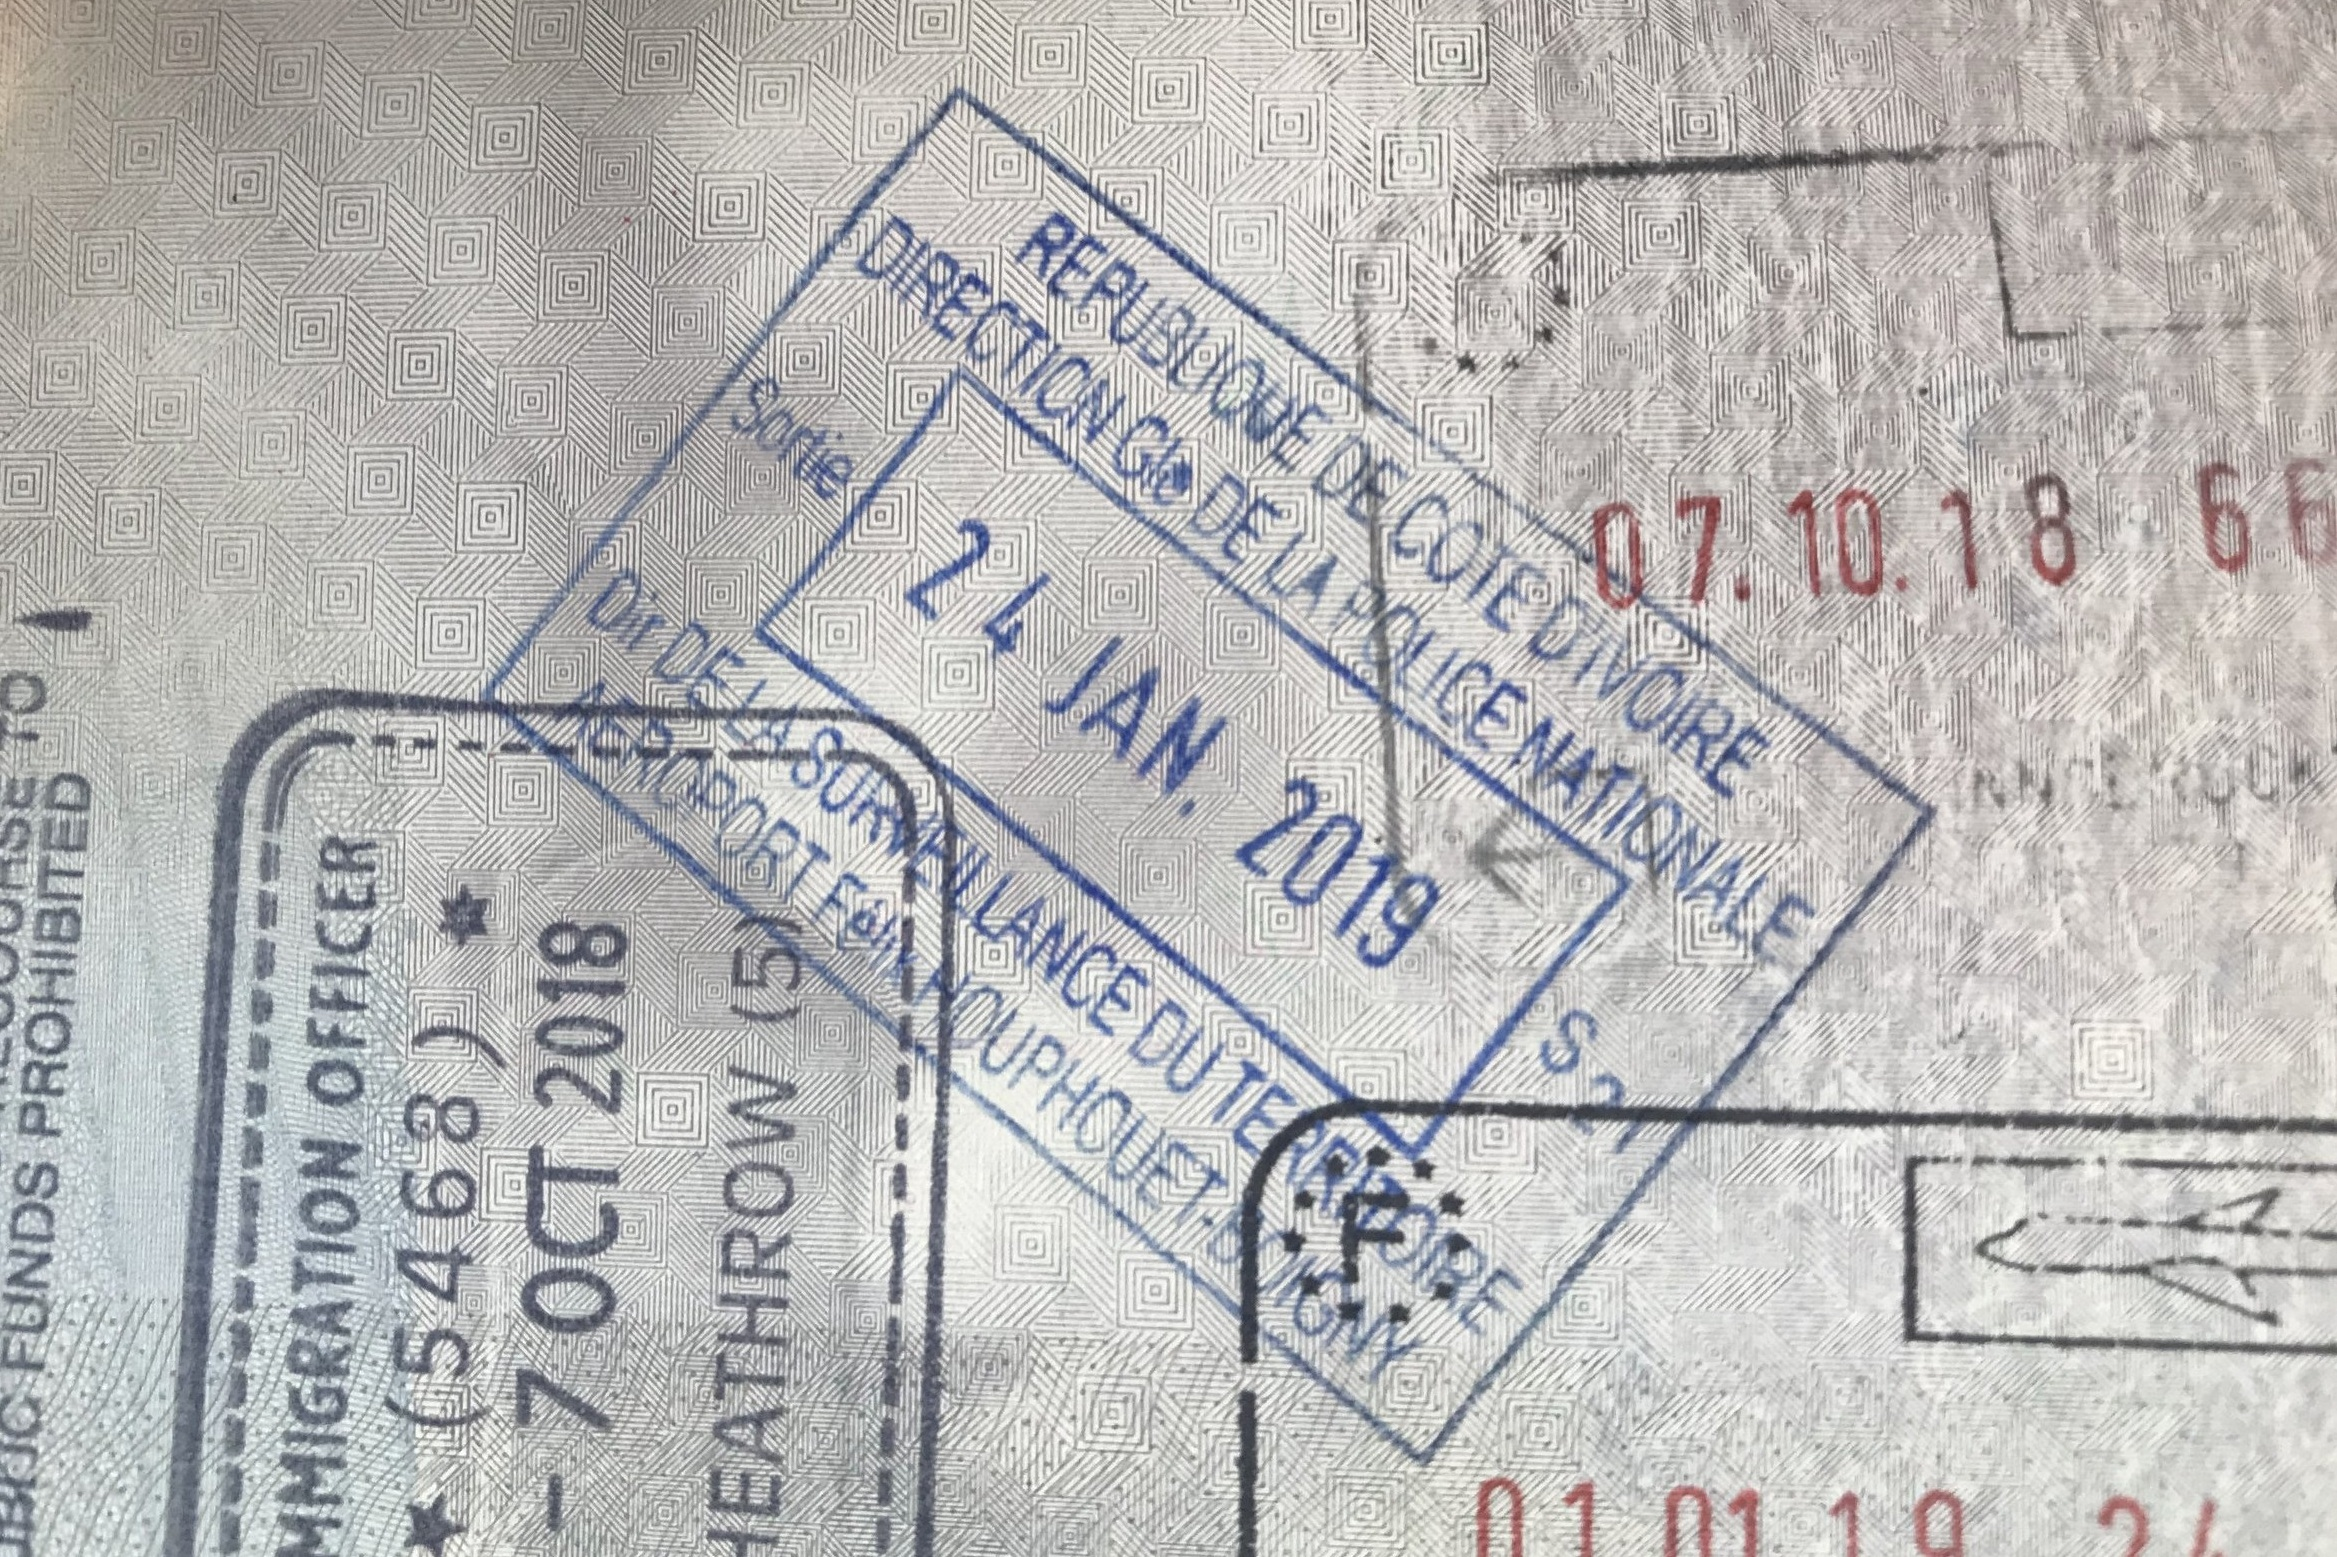 Côte d'Ivoire exit immigration stamp